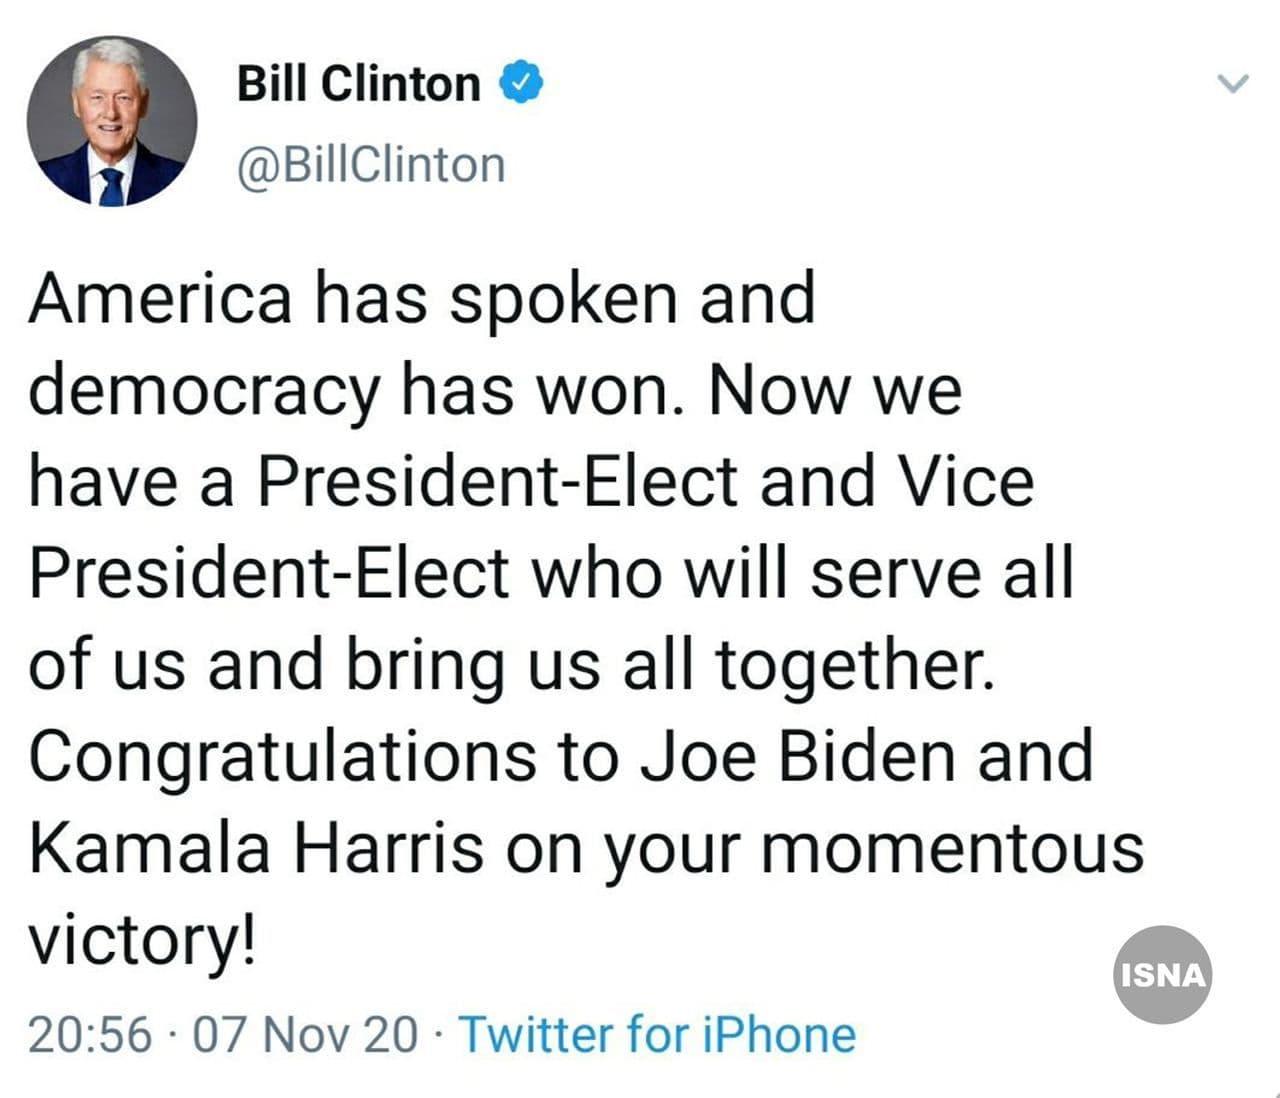 بیل کلینتون: آمریکا حرفش را زد و دموکراسی برنده شد